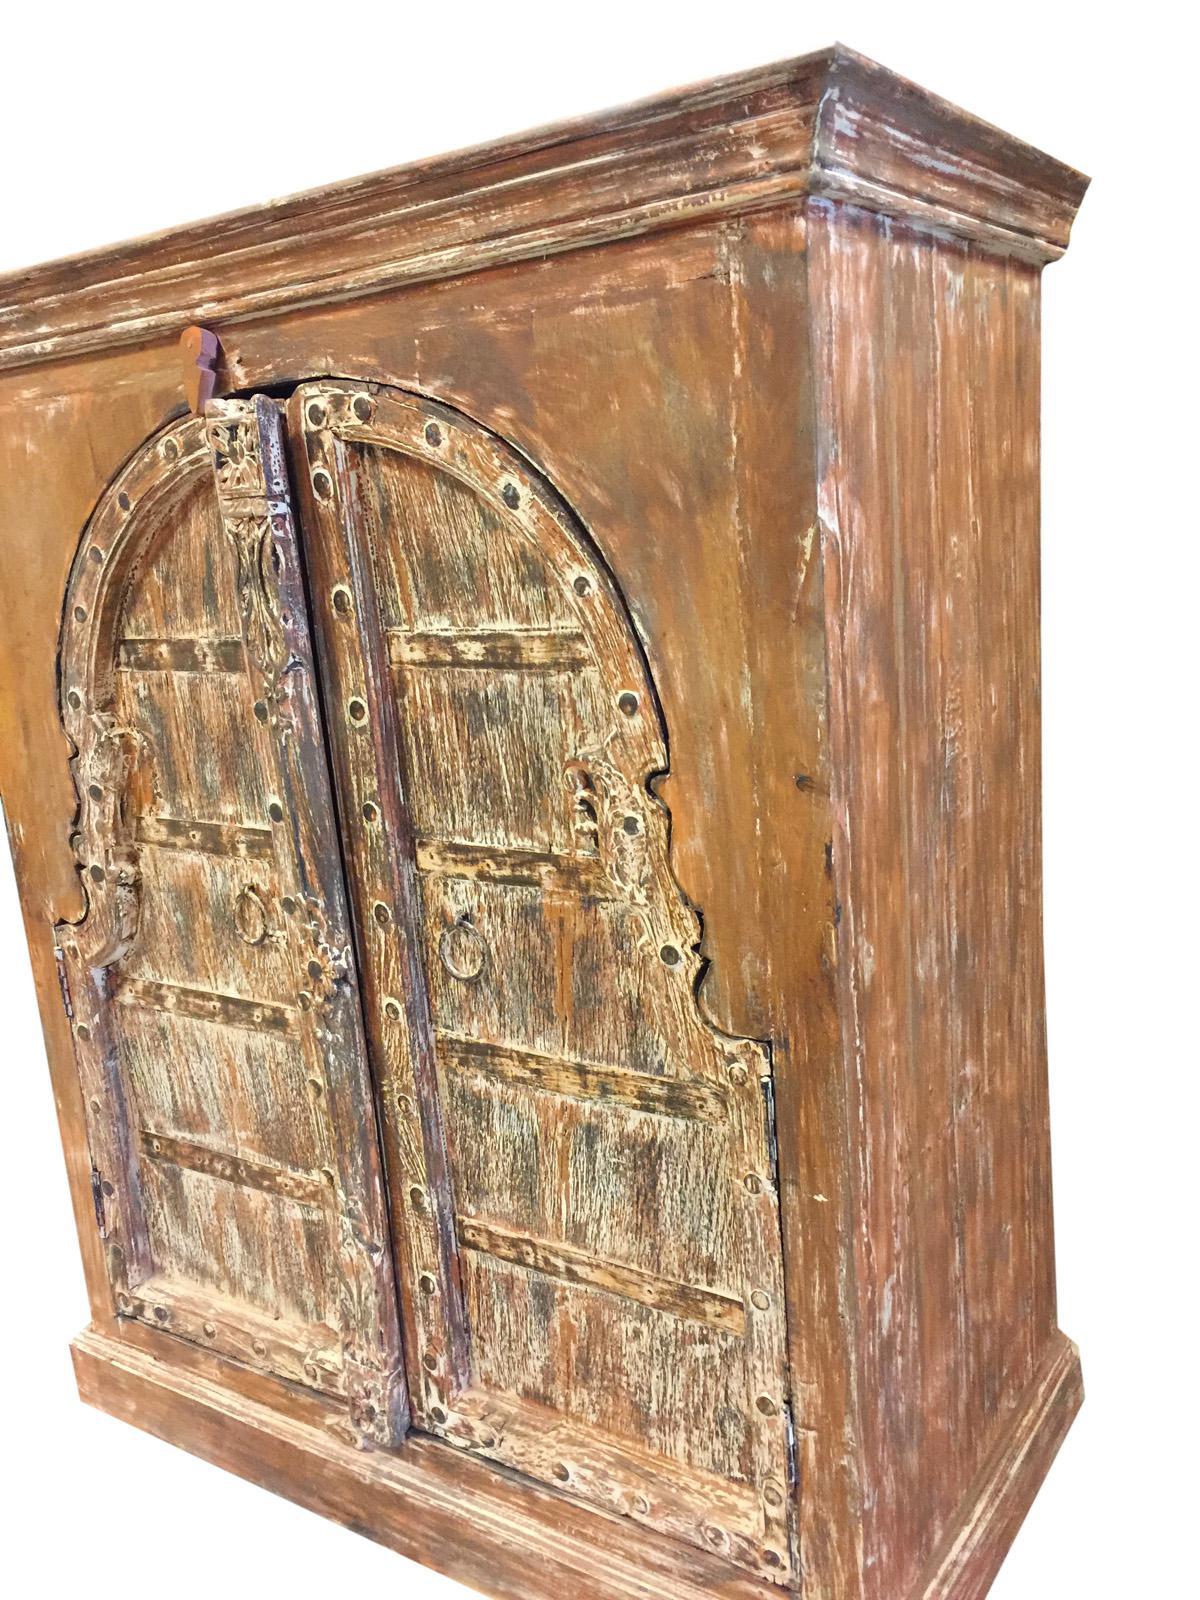 Antique Haveli Decor Rustic Red Wooden Double Door Chest Sideboard